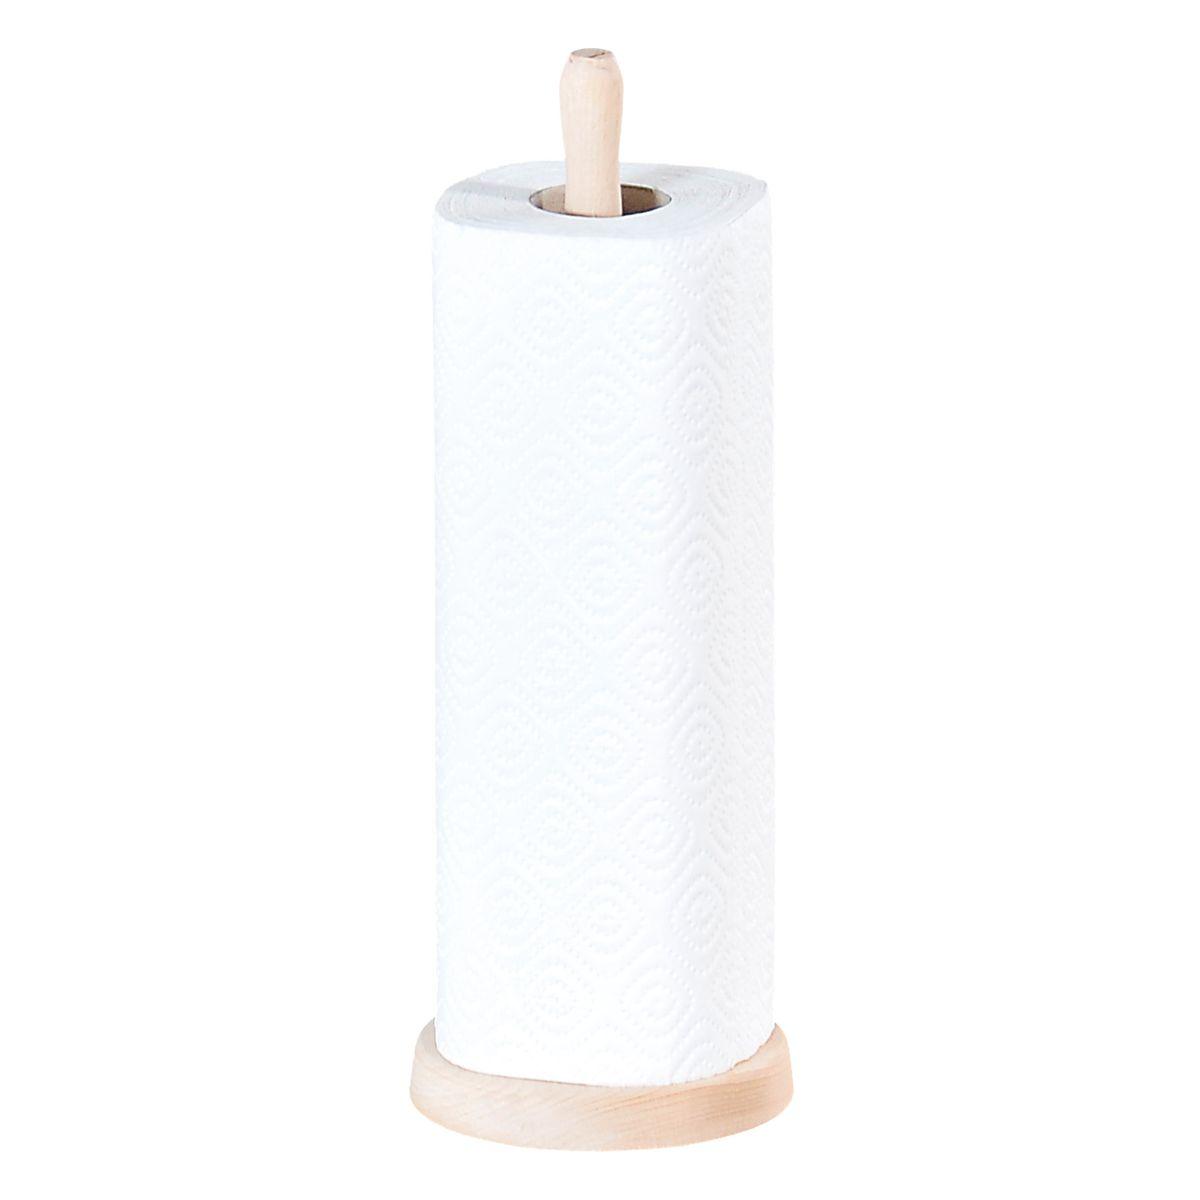 Стойка для бумажных полотенец Kesper, высота 33 см. 1200-2 kesper поднос kesper 4115 2 j 2 wgkqm